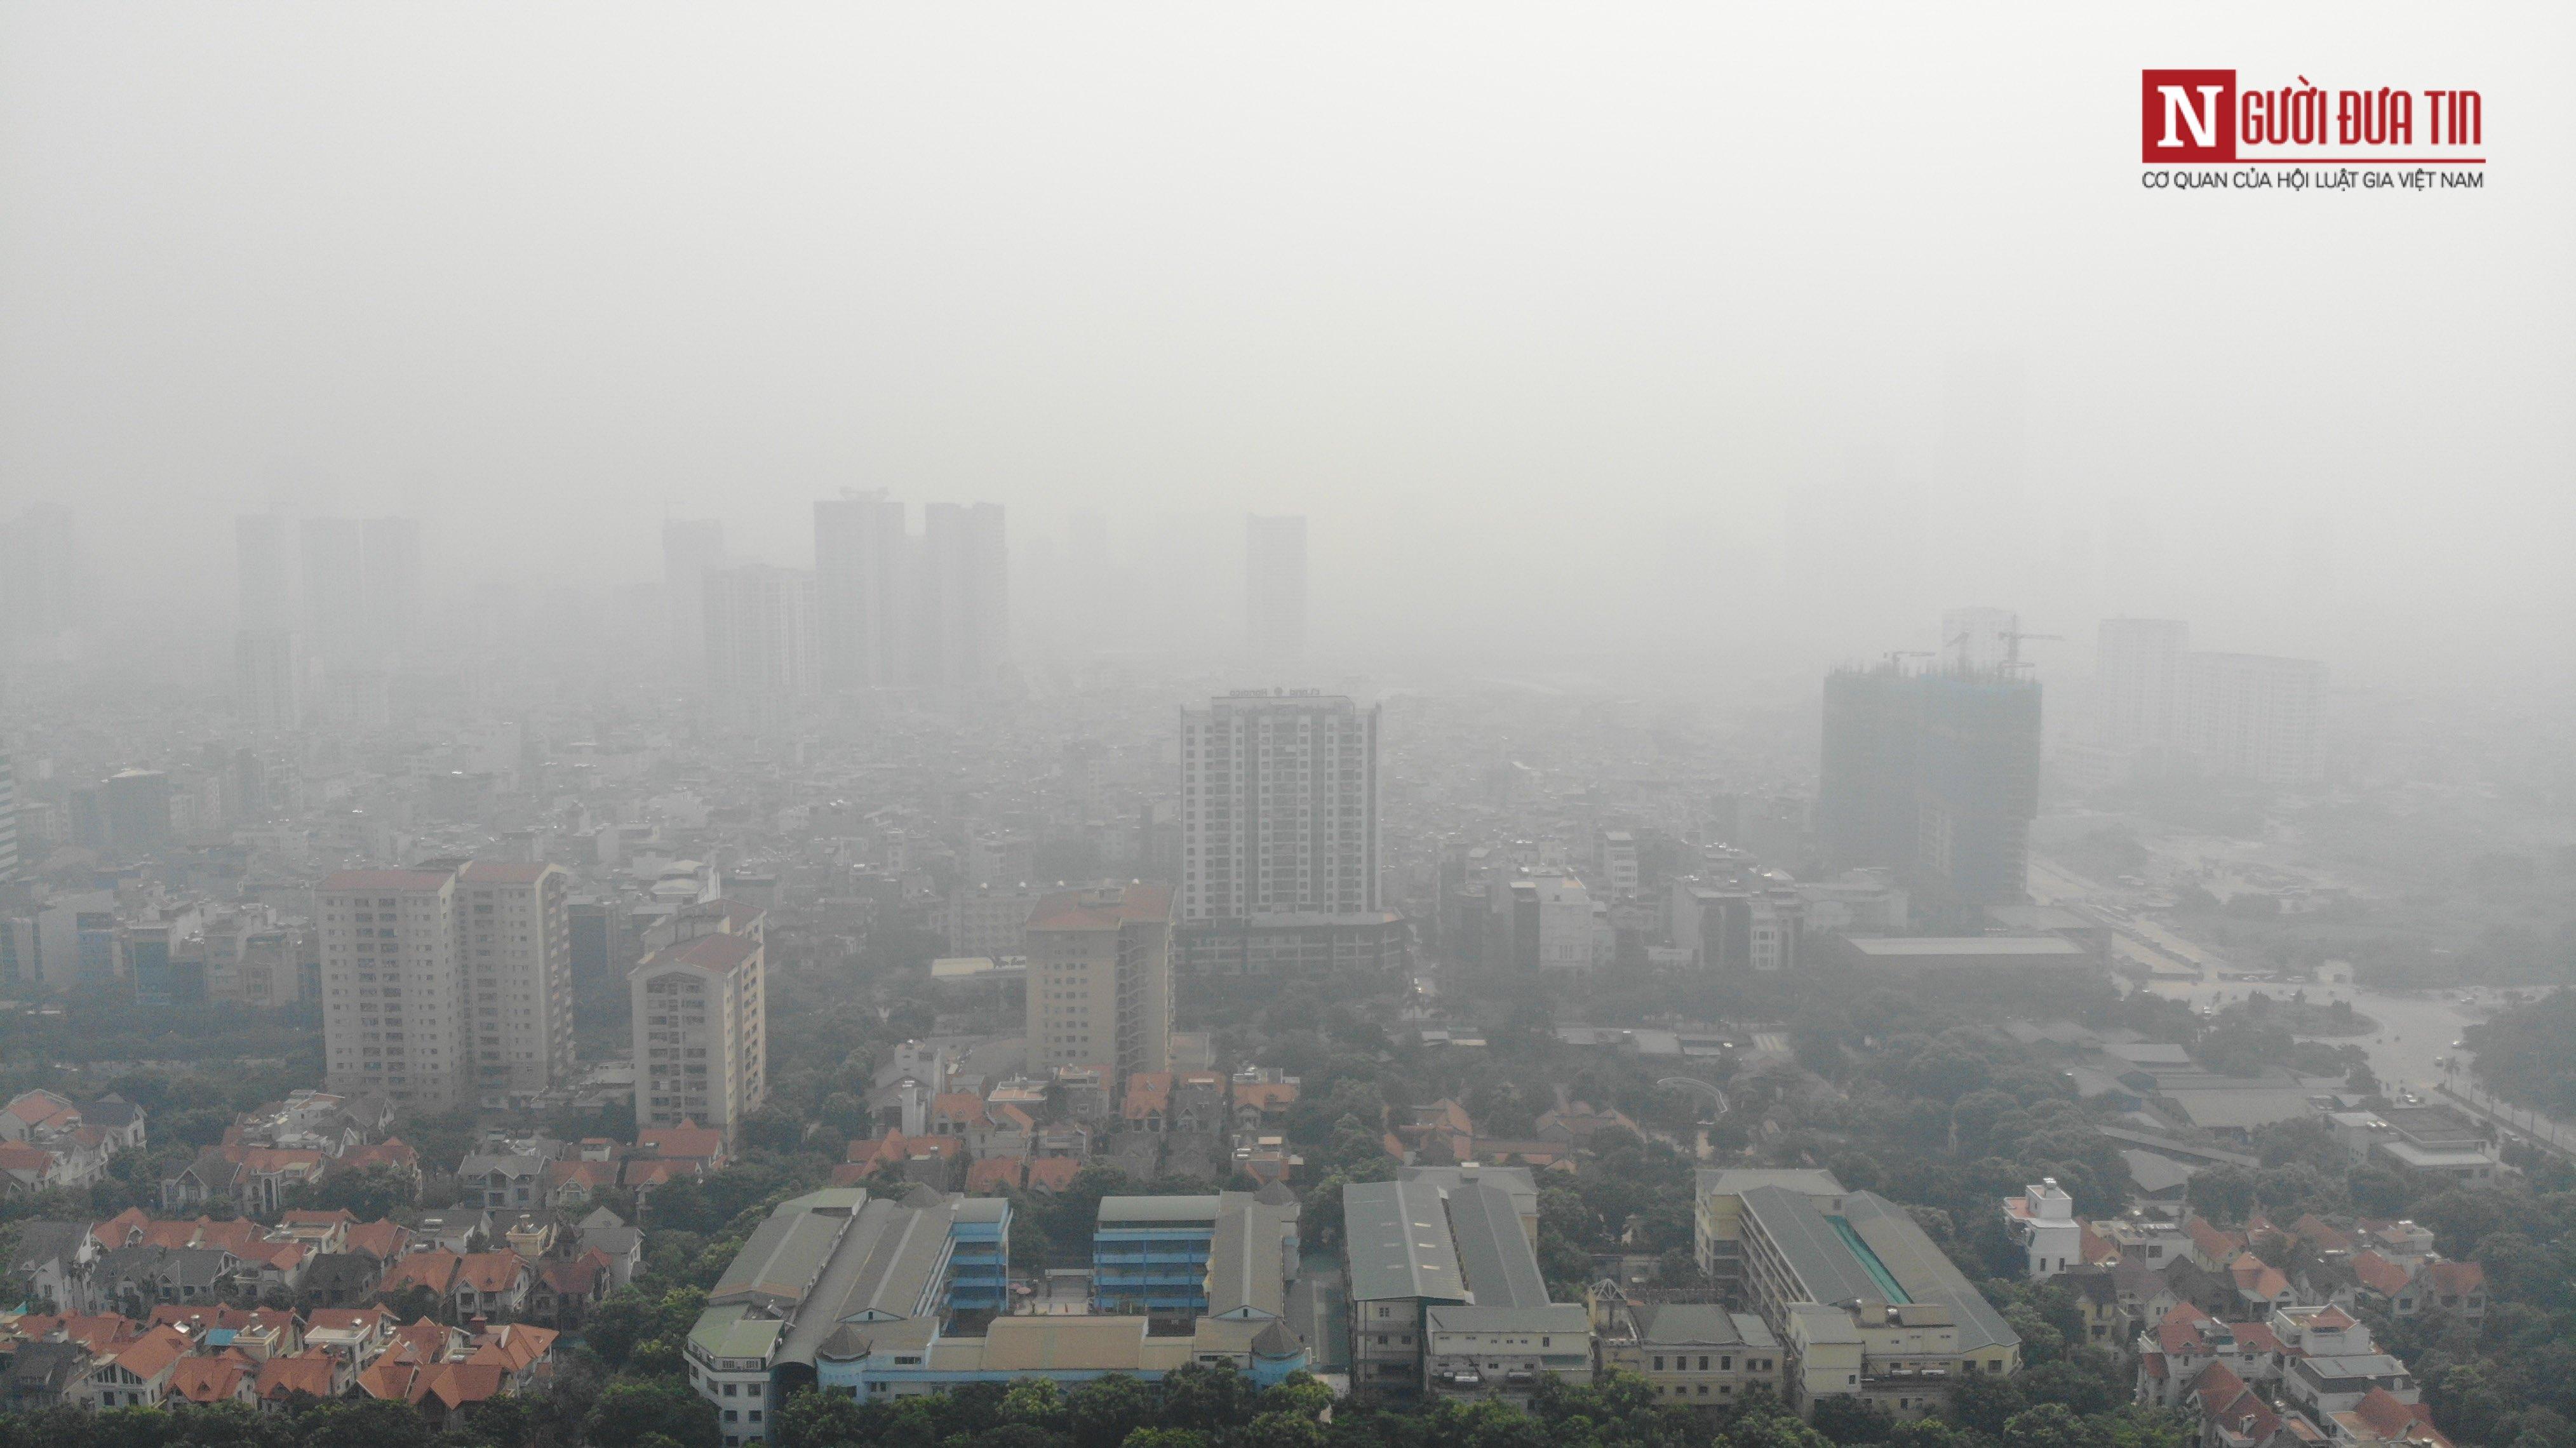 Hà Nội đang kiểm tra số liệu ô nhiễm môi trường năm 2019 trùng với năm 2015 1